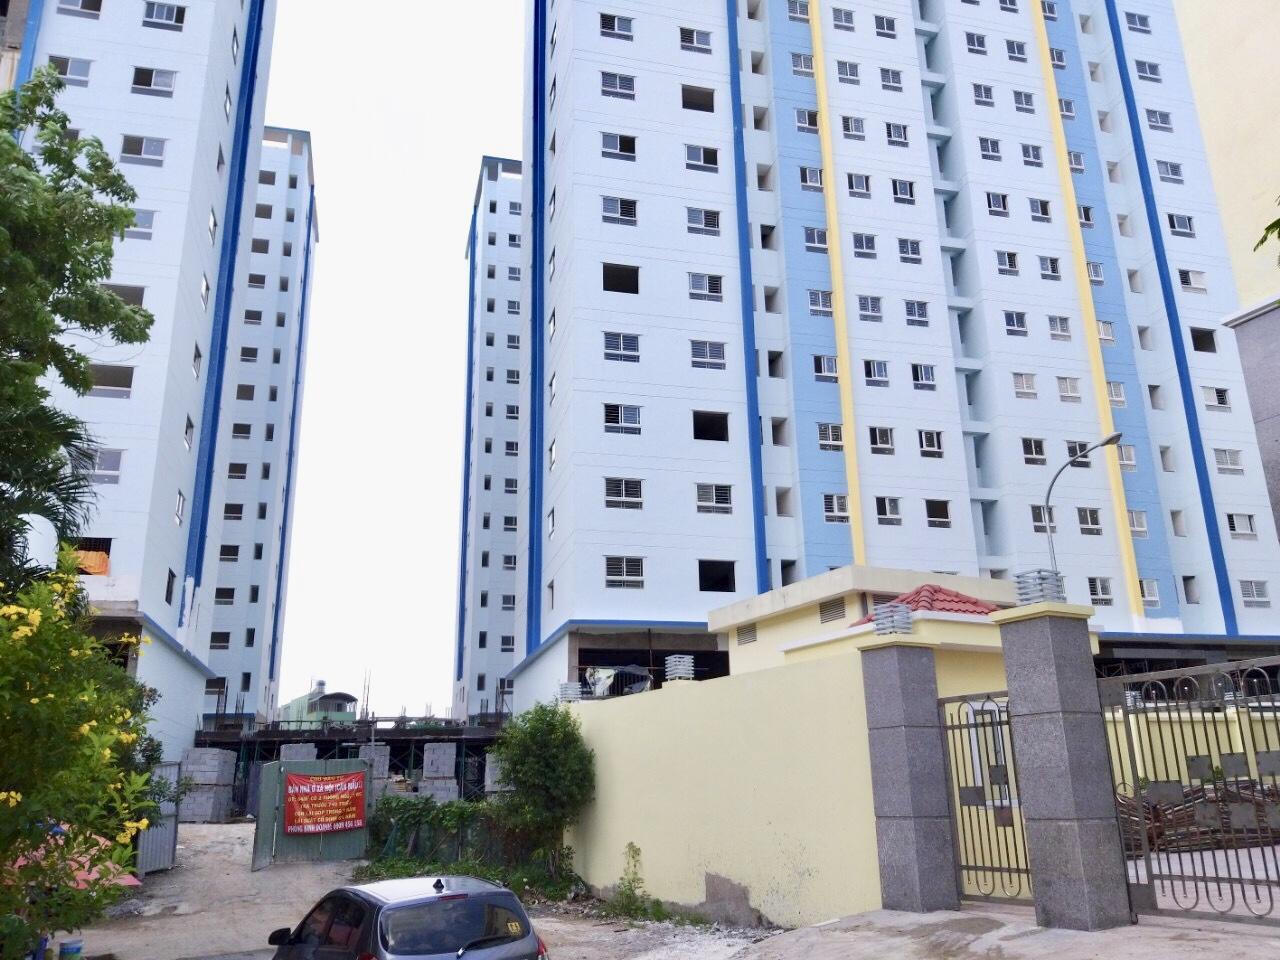 Căn hộ hạng C ở TP HCM vẫn tiếp tục khan hiếm, khiến cho việc sở hữu nhà của người thu nhập thấp trở nên khó khăn hơn.